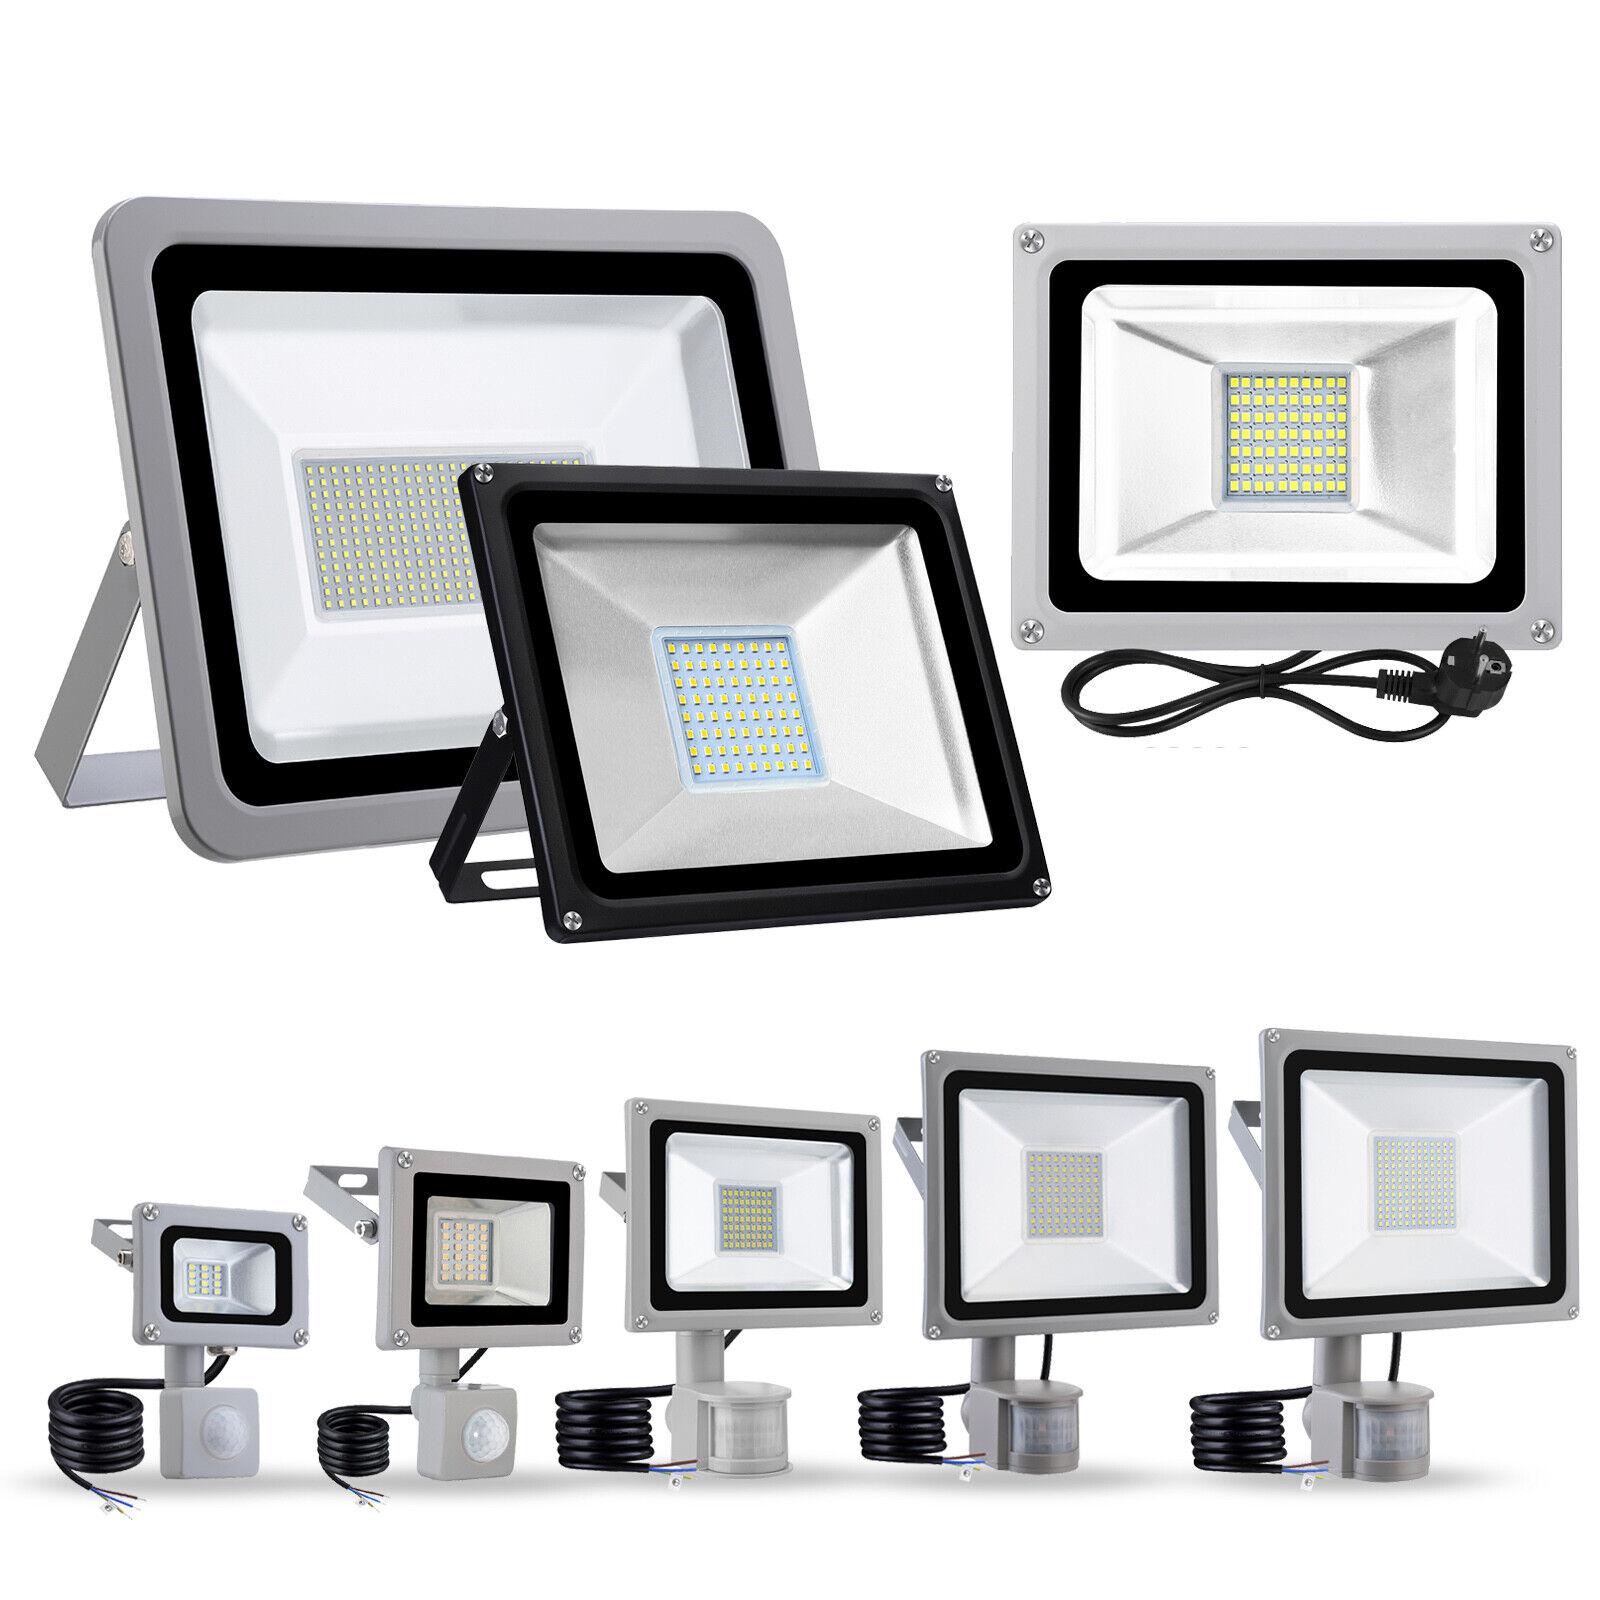 LED Flutlicht Fluter 10W 20W 100W 300W 500W Außen Baustrahler Scheinwerfer Lampe